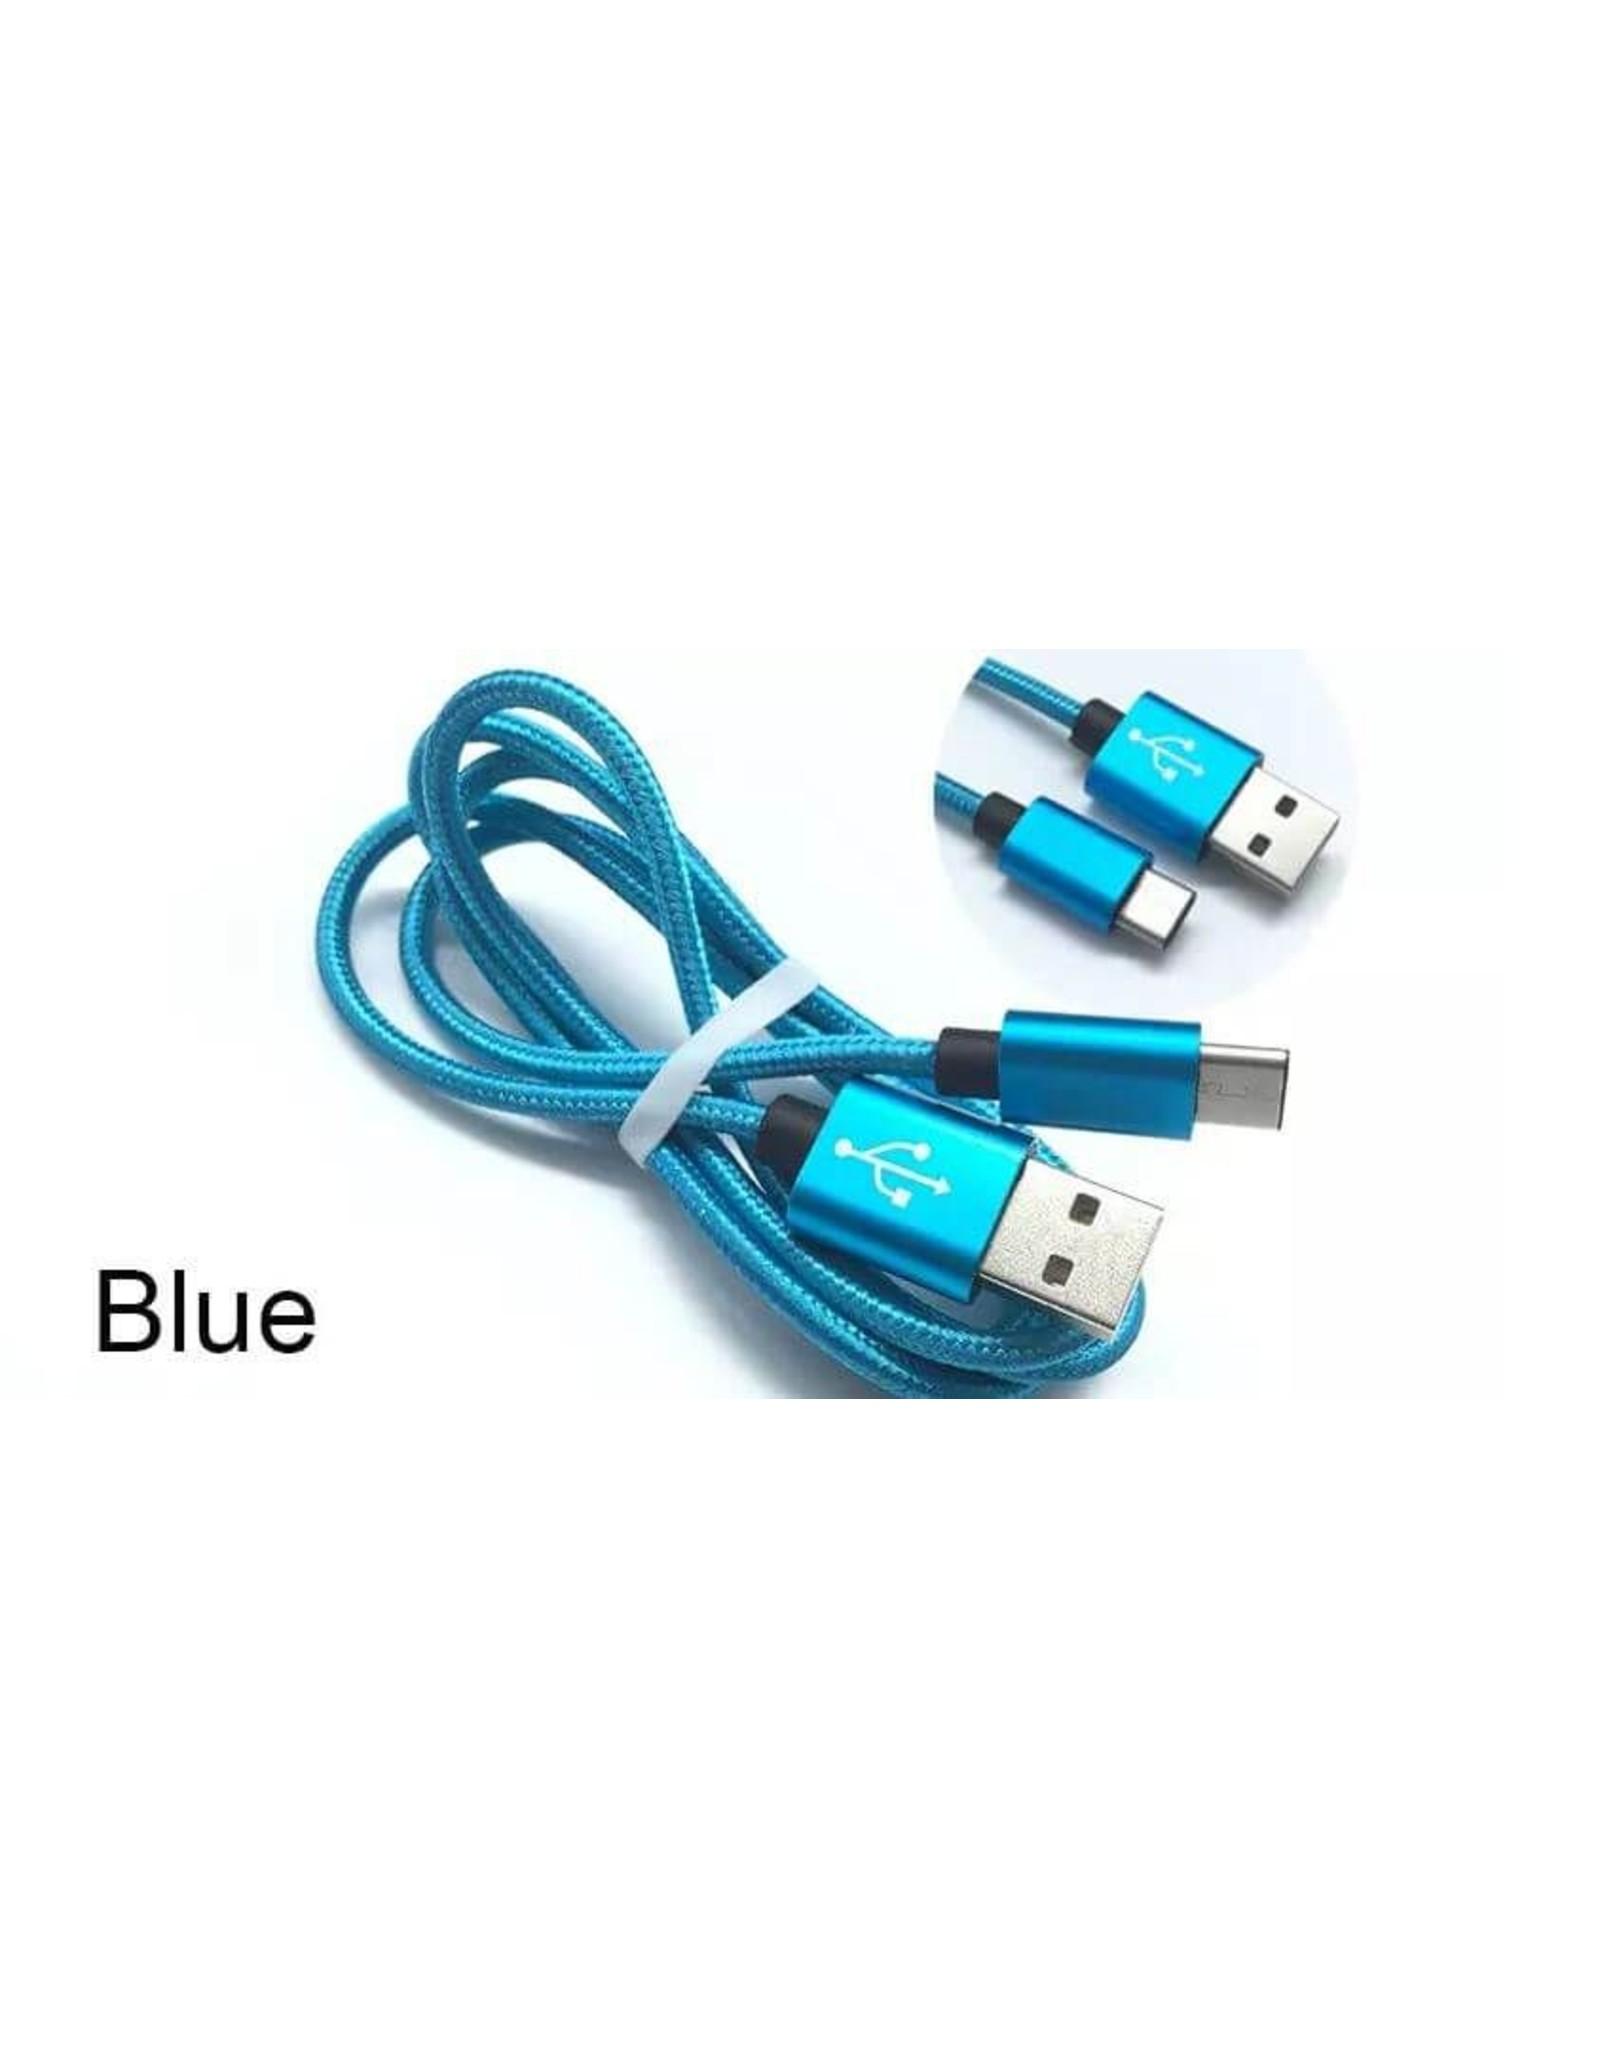 Hoge kwaliteit snellaadkabel, Datakabel Type-C naar USB voor Samsung, 1 meter lang, oplaadkabel